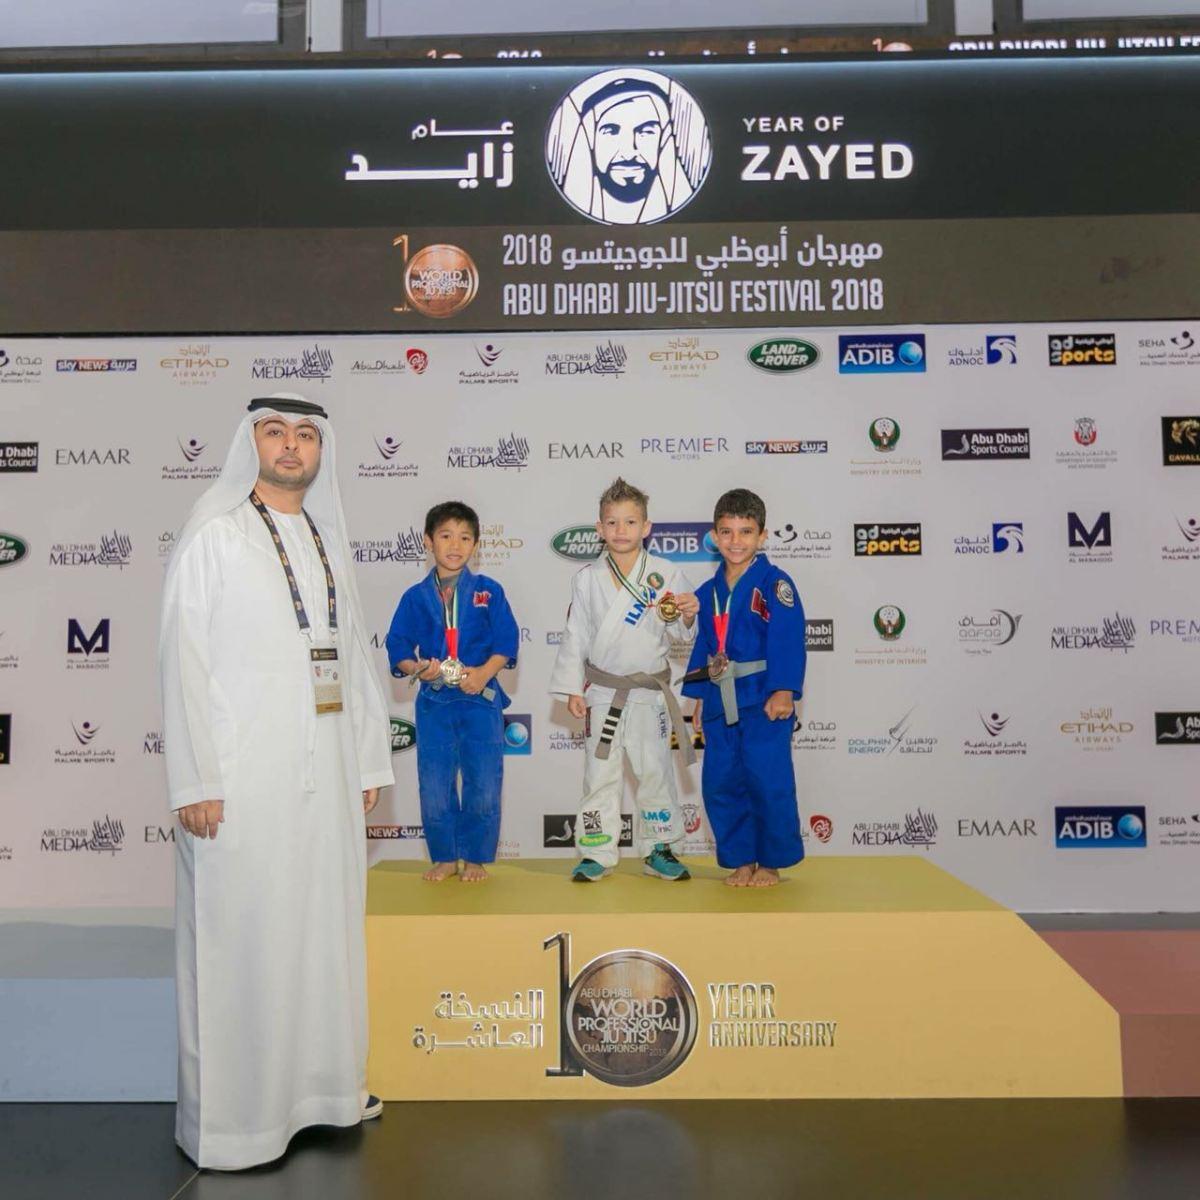 Felipe Cobrinha conquista primeiro lugar no Mundial de Jiu Jitsu em Abu Dhabi